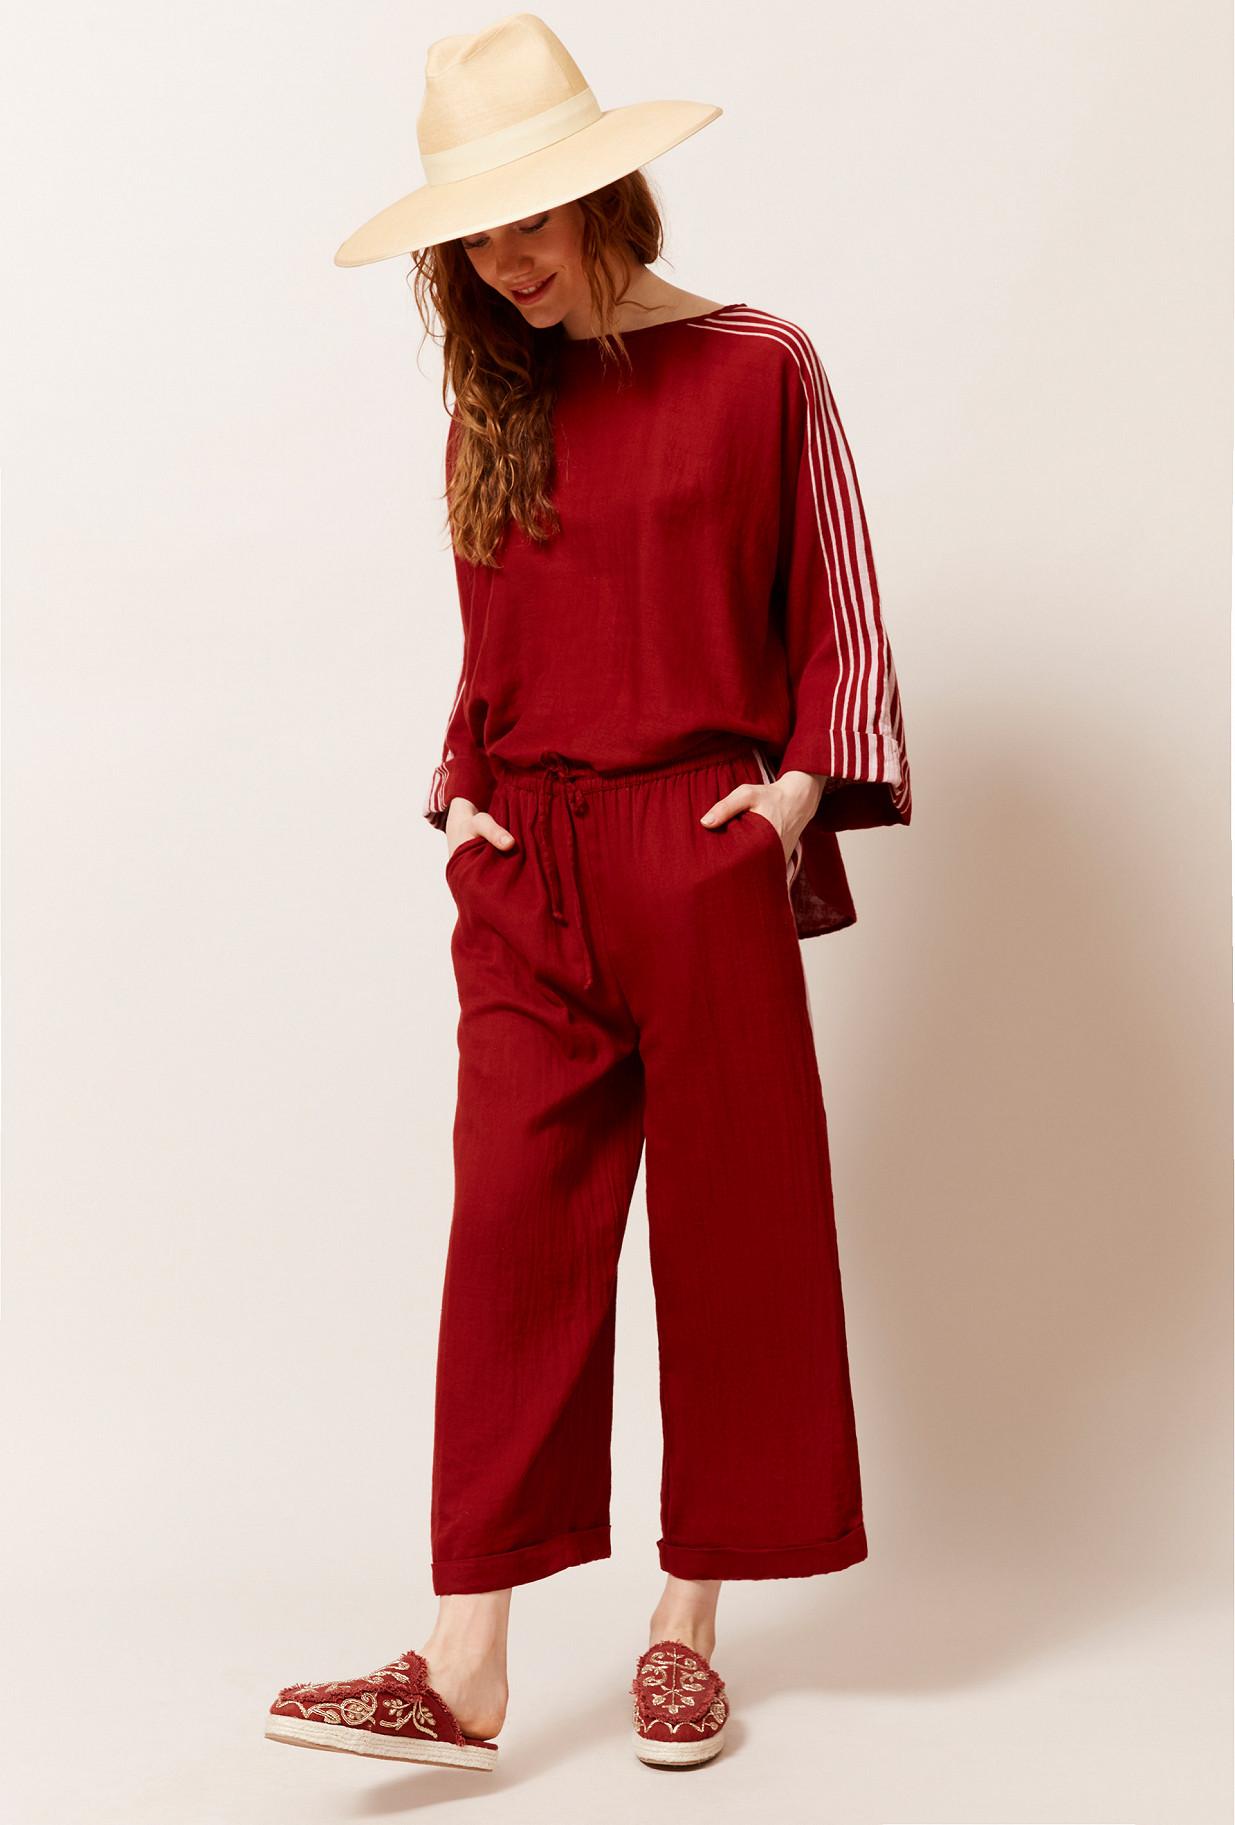 Red Pant Adidaney Mes Demoiselles Paris